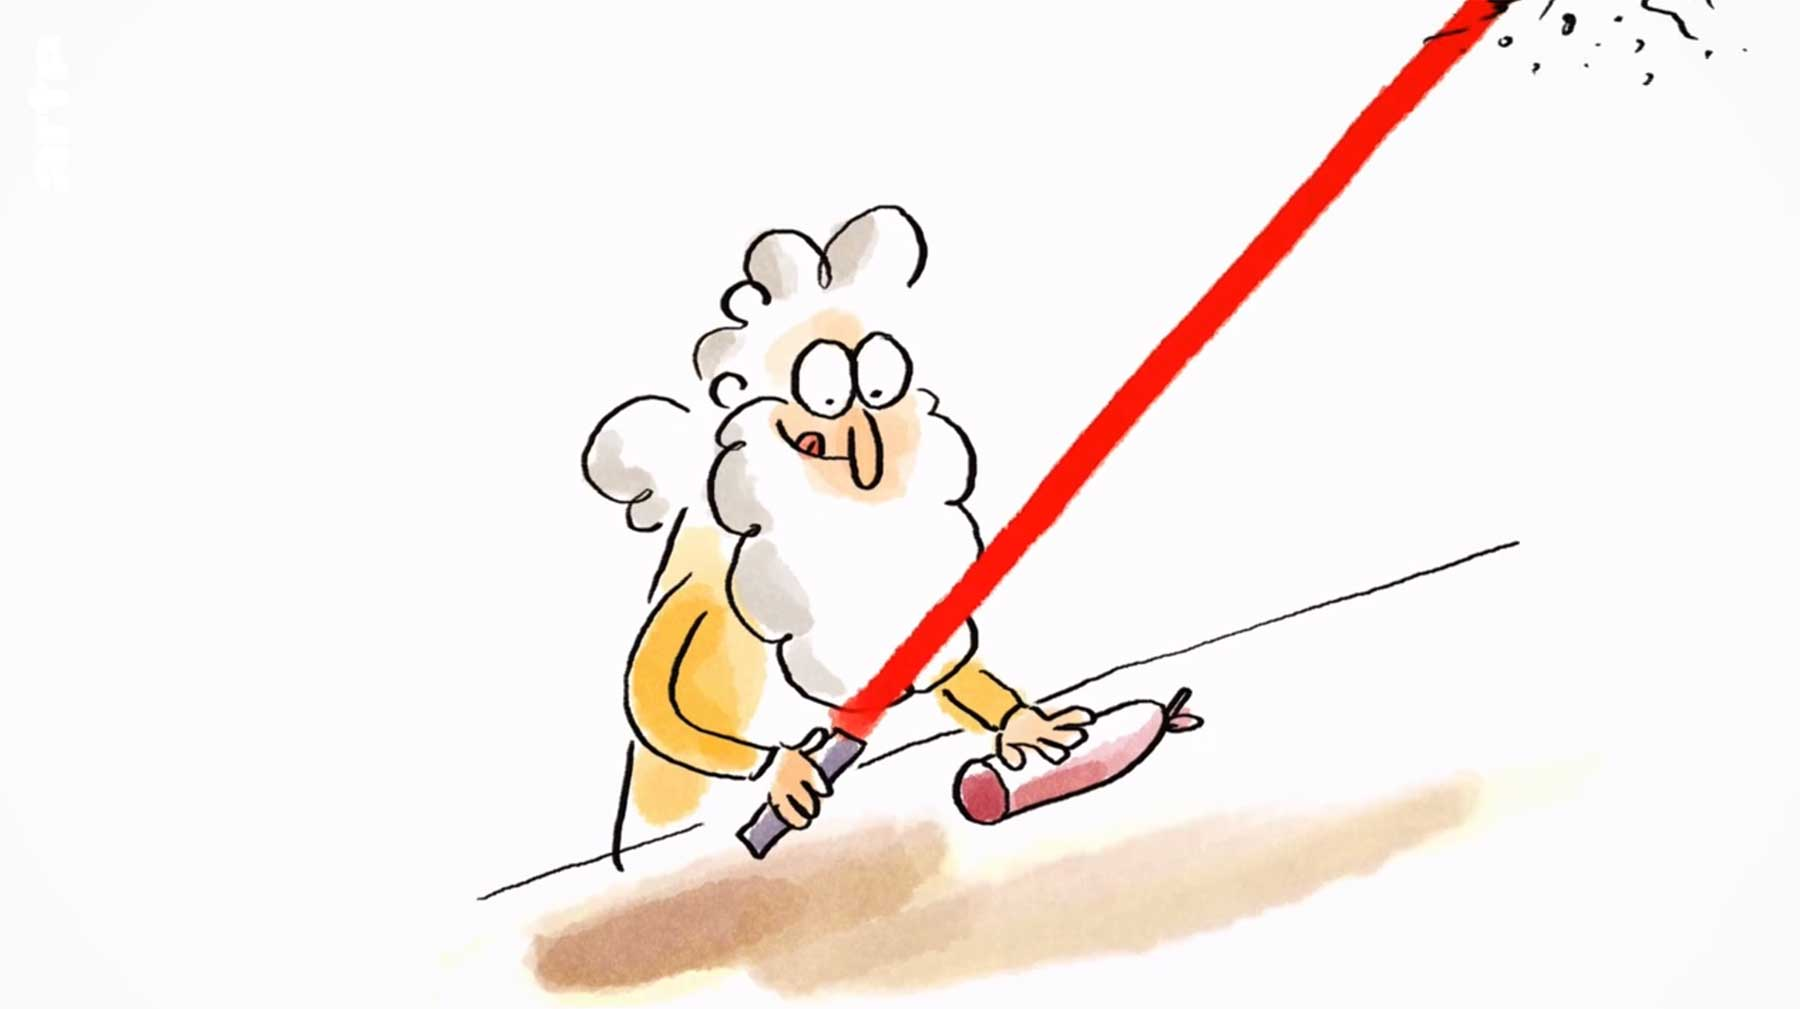 Wann kommt endlich ein echtes Lichtschwert? wann-kommt-das-laserschwert